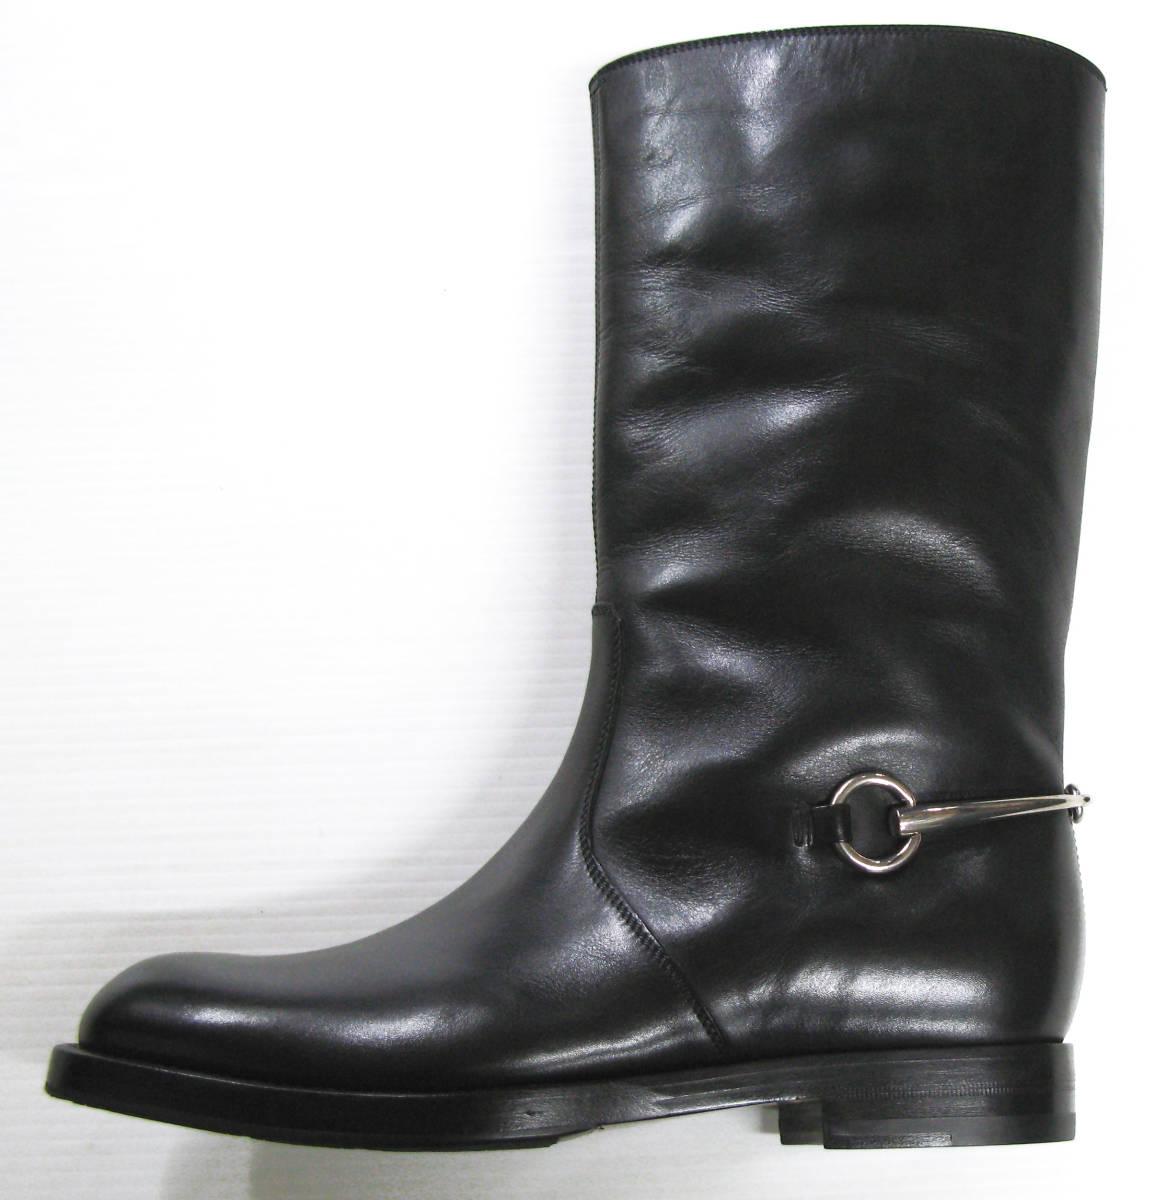 グッチ GUCCI*レザー ロング ブーツ 美品 7.5 ( 革靴 シューズ leather boots_画像2